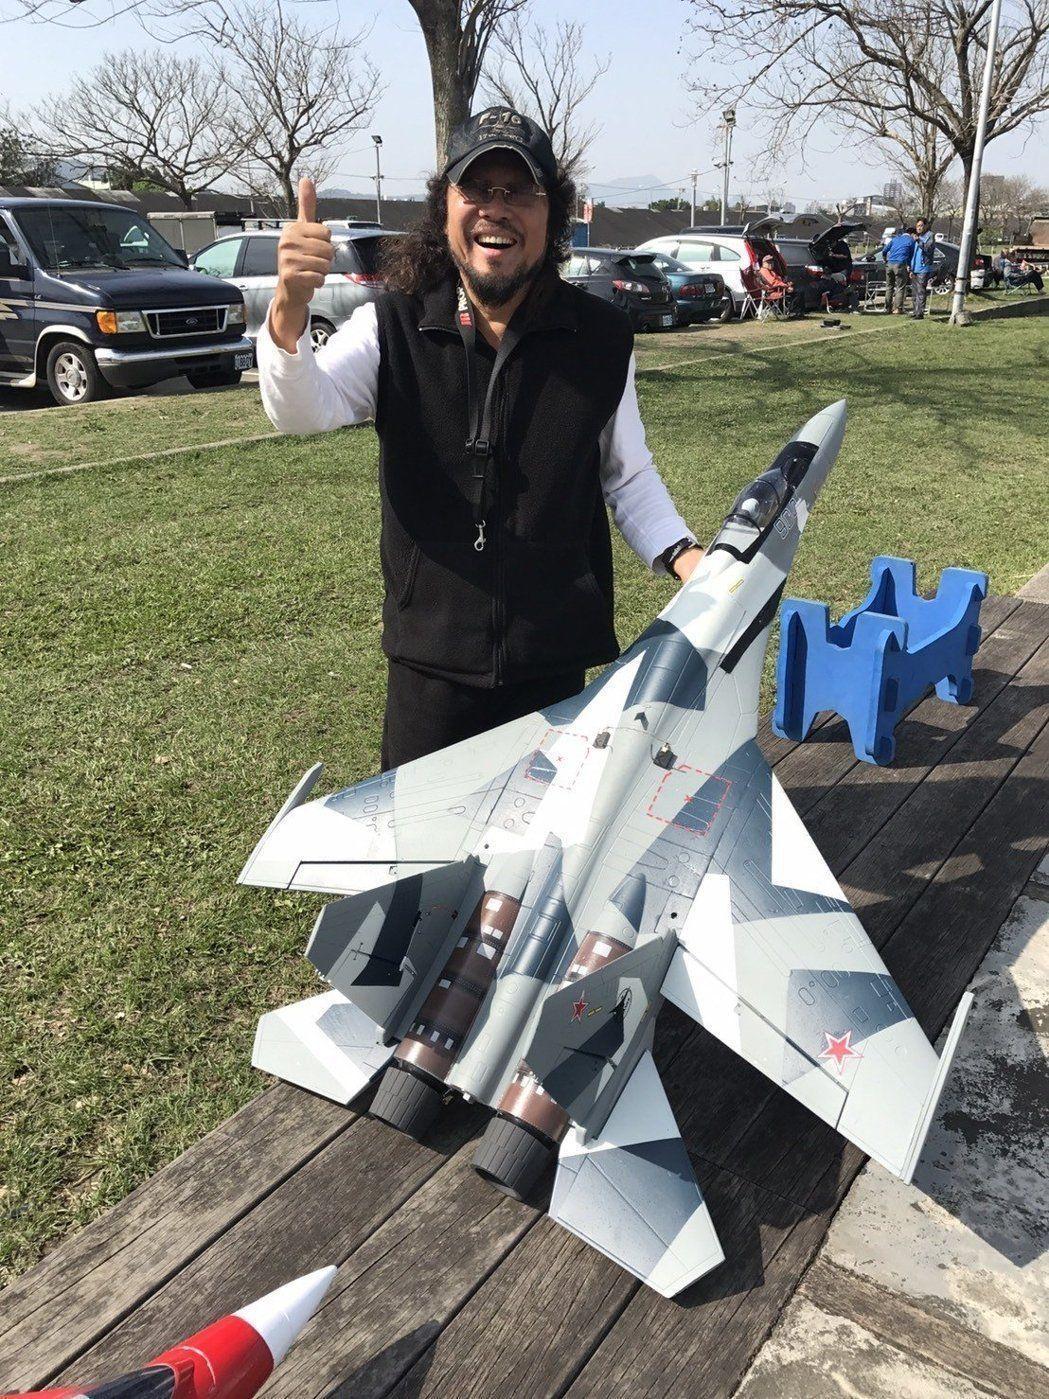 張菲這兩年不敢遠遊,每天都往新莊河濱公園玩搖控飛機,早上到,傍晚離開回家陪父親吃...